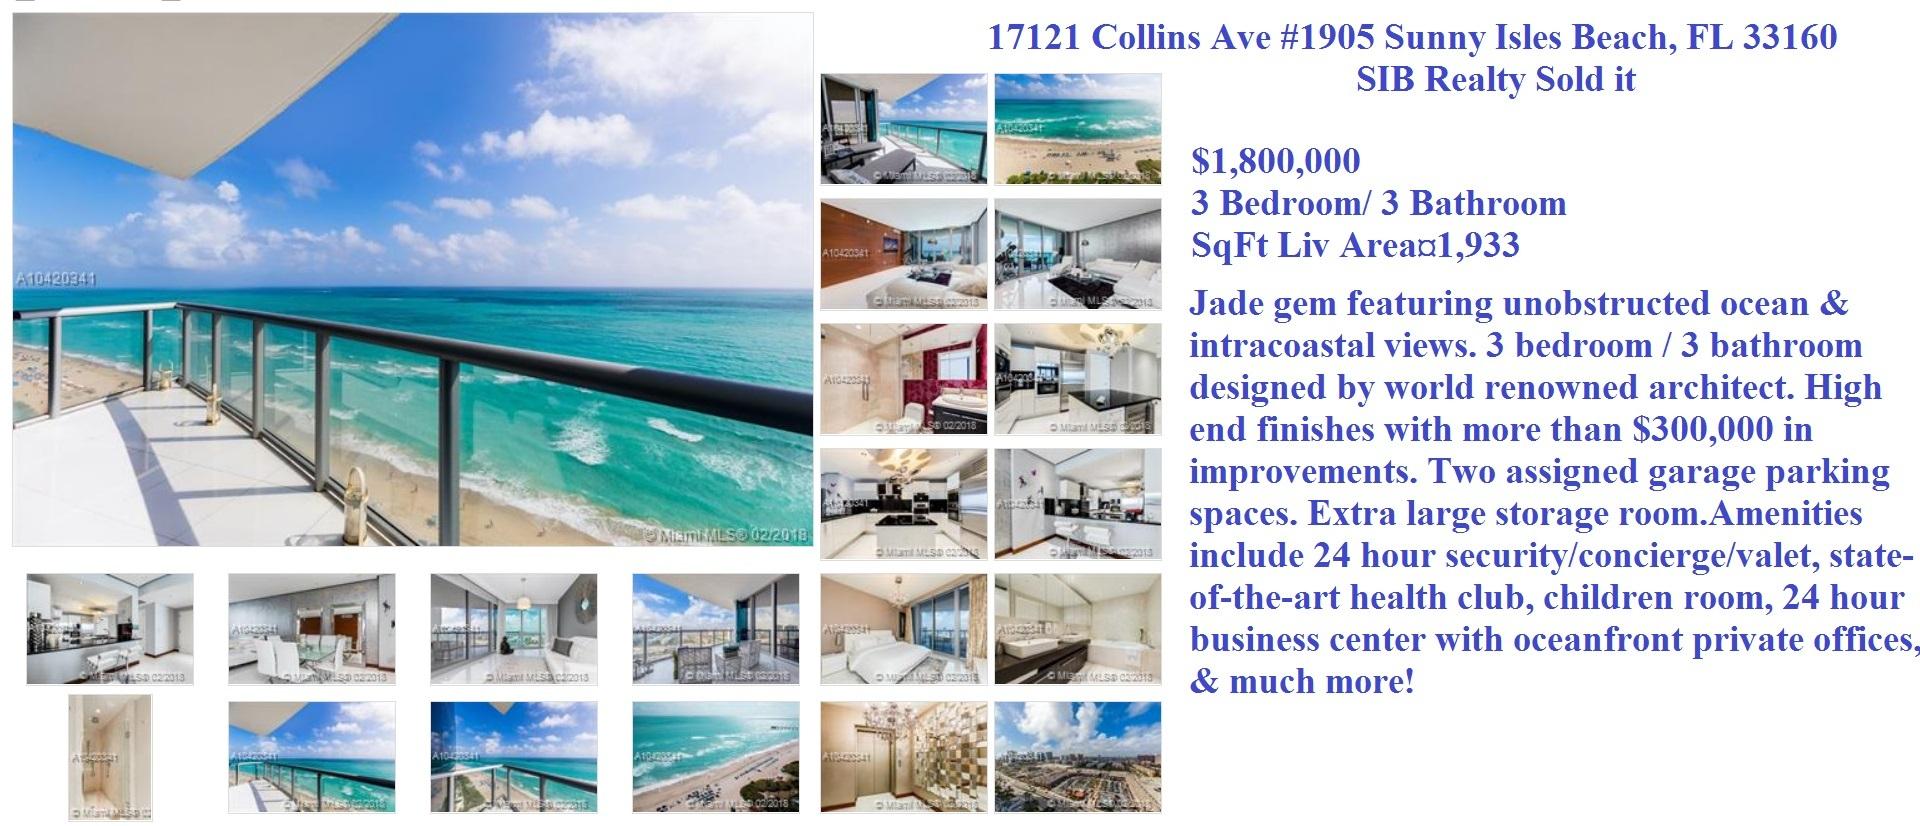 Jade Ocean Sold by SIB Realty